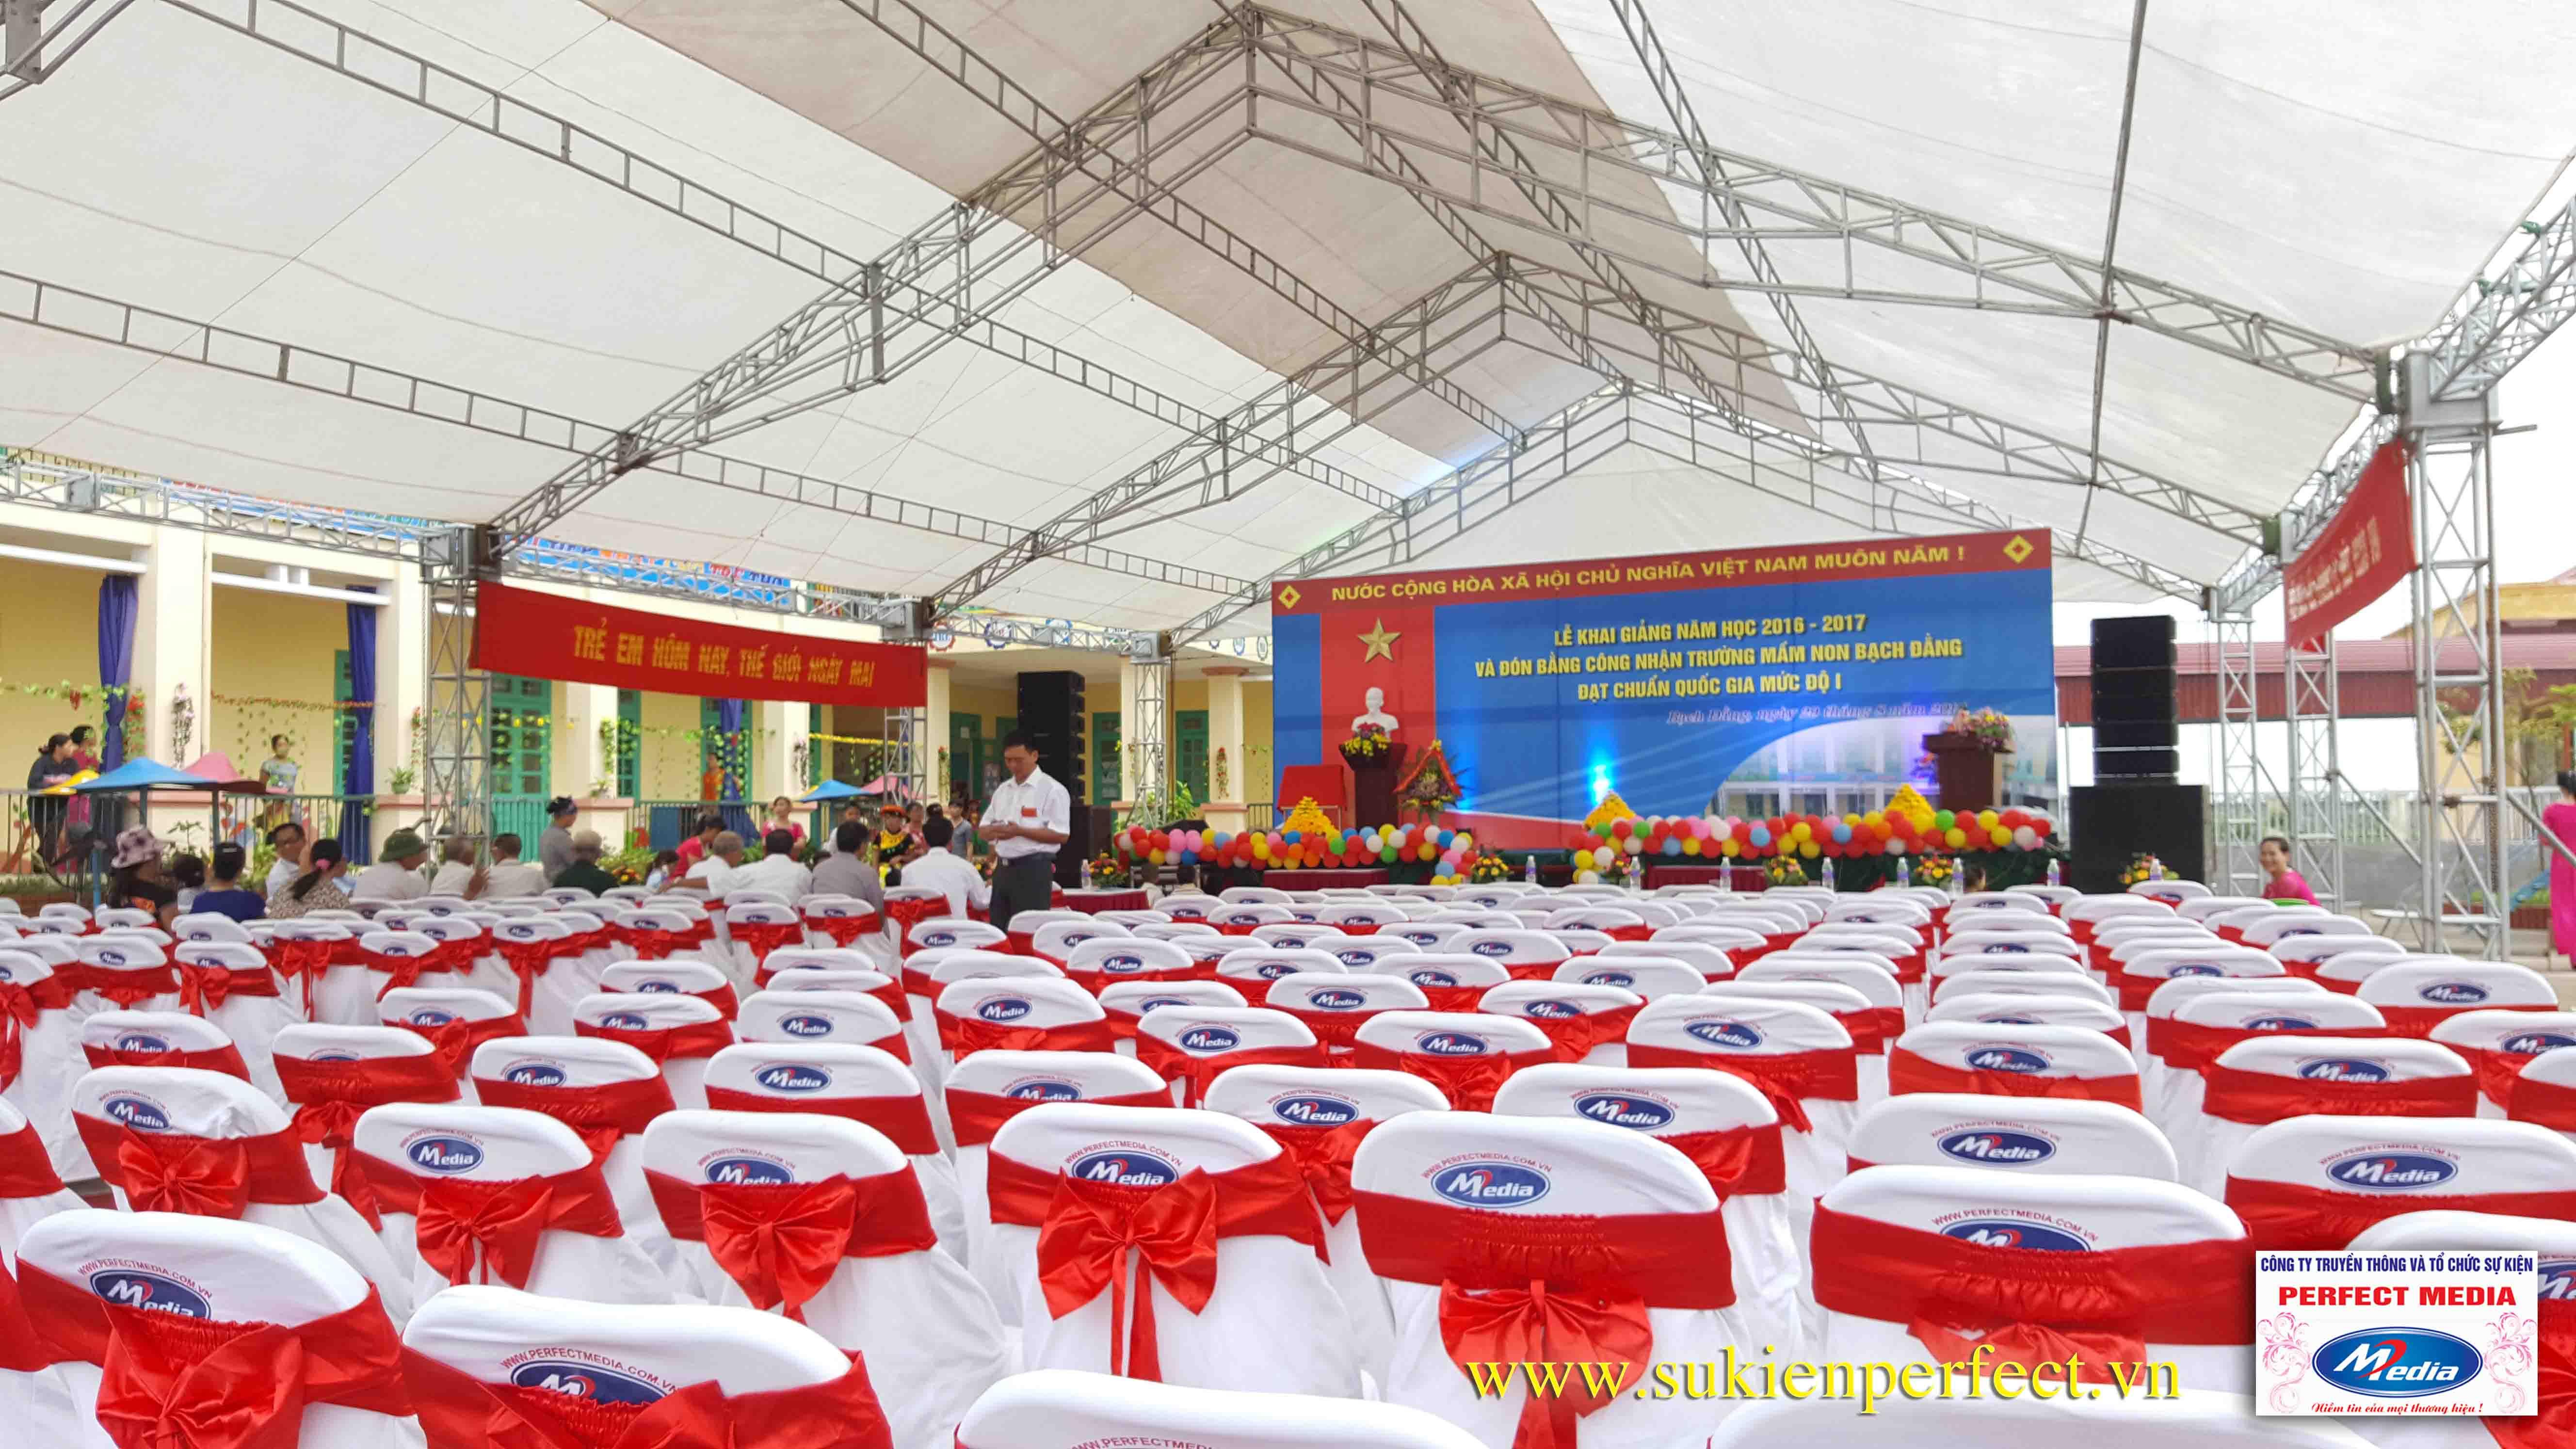 Lễ khai giảng năm học 2016 - 2017 của trường mầm non Bạch Đằng - Kinh Môn 04